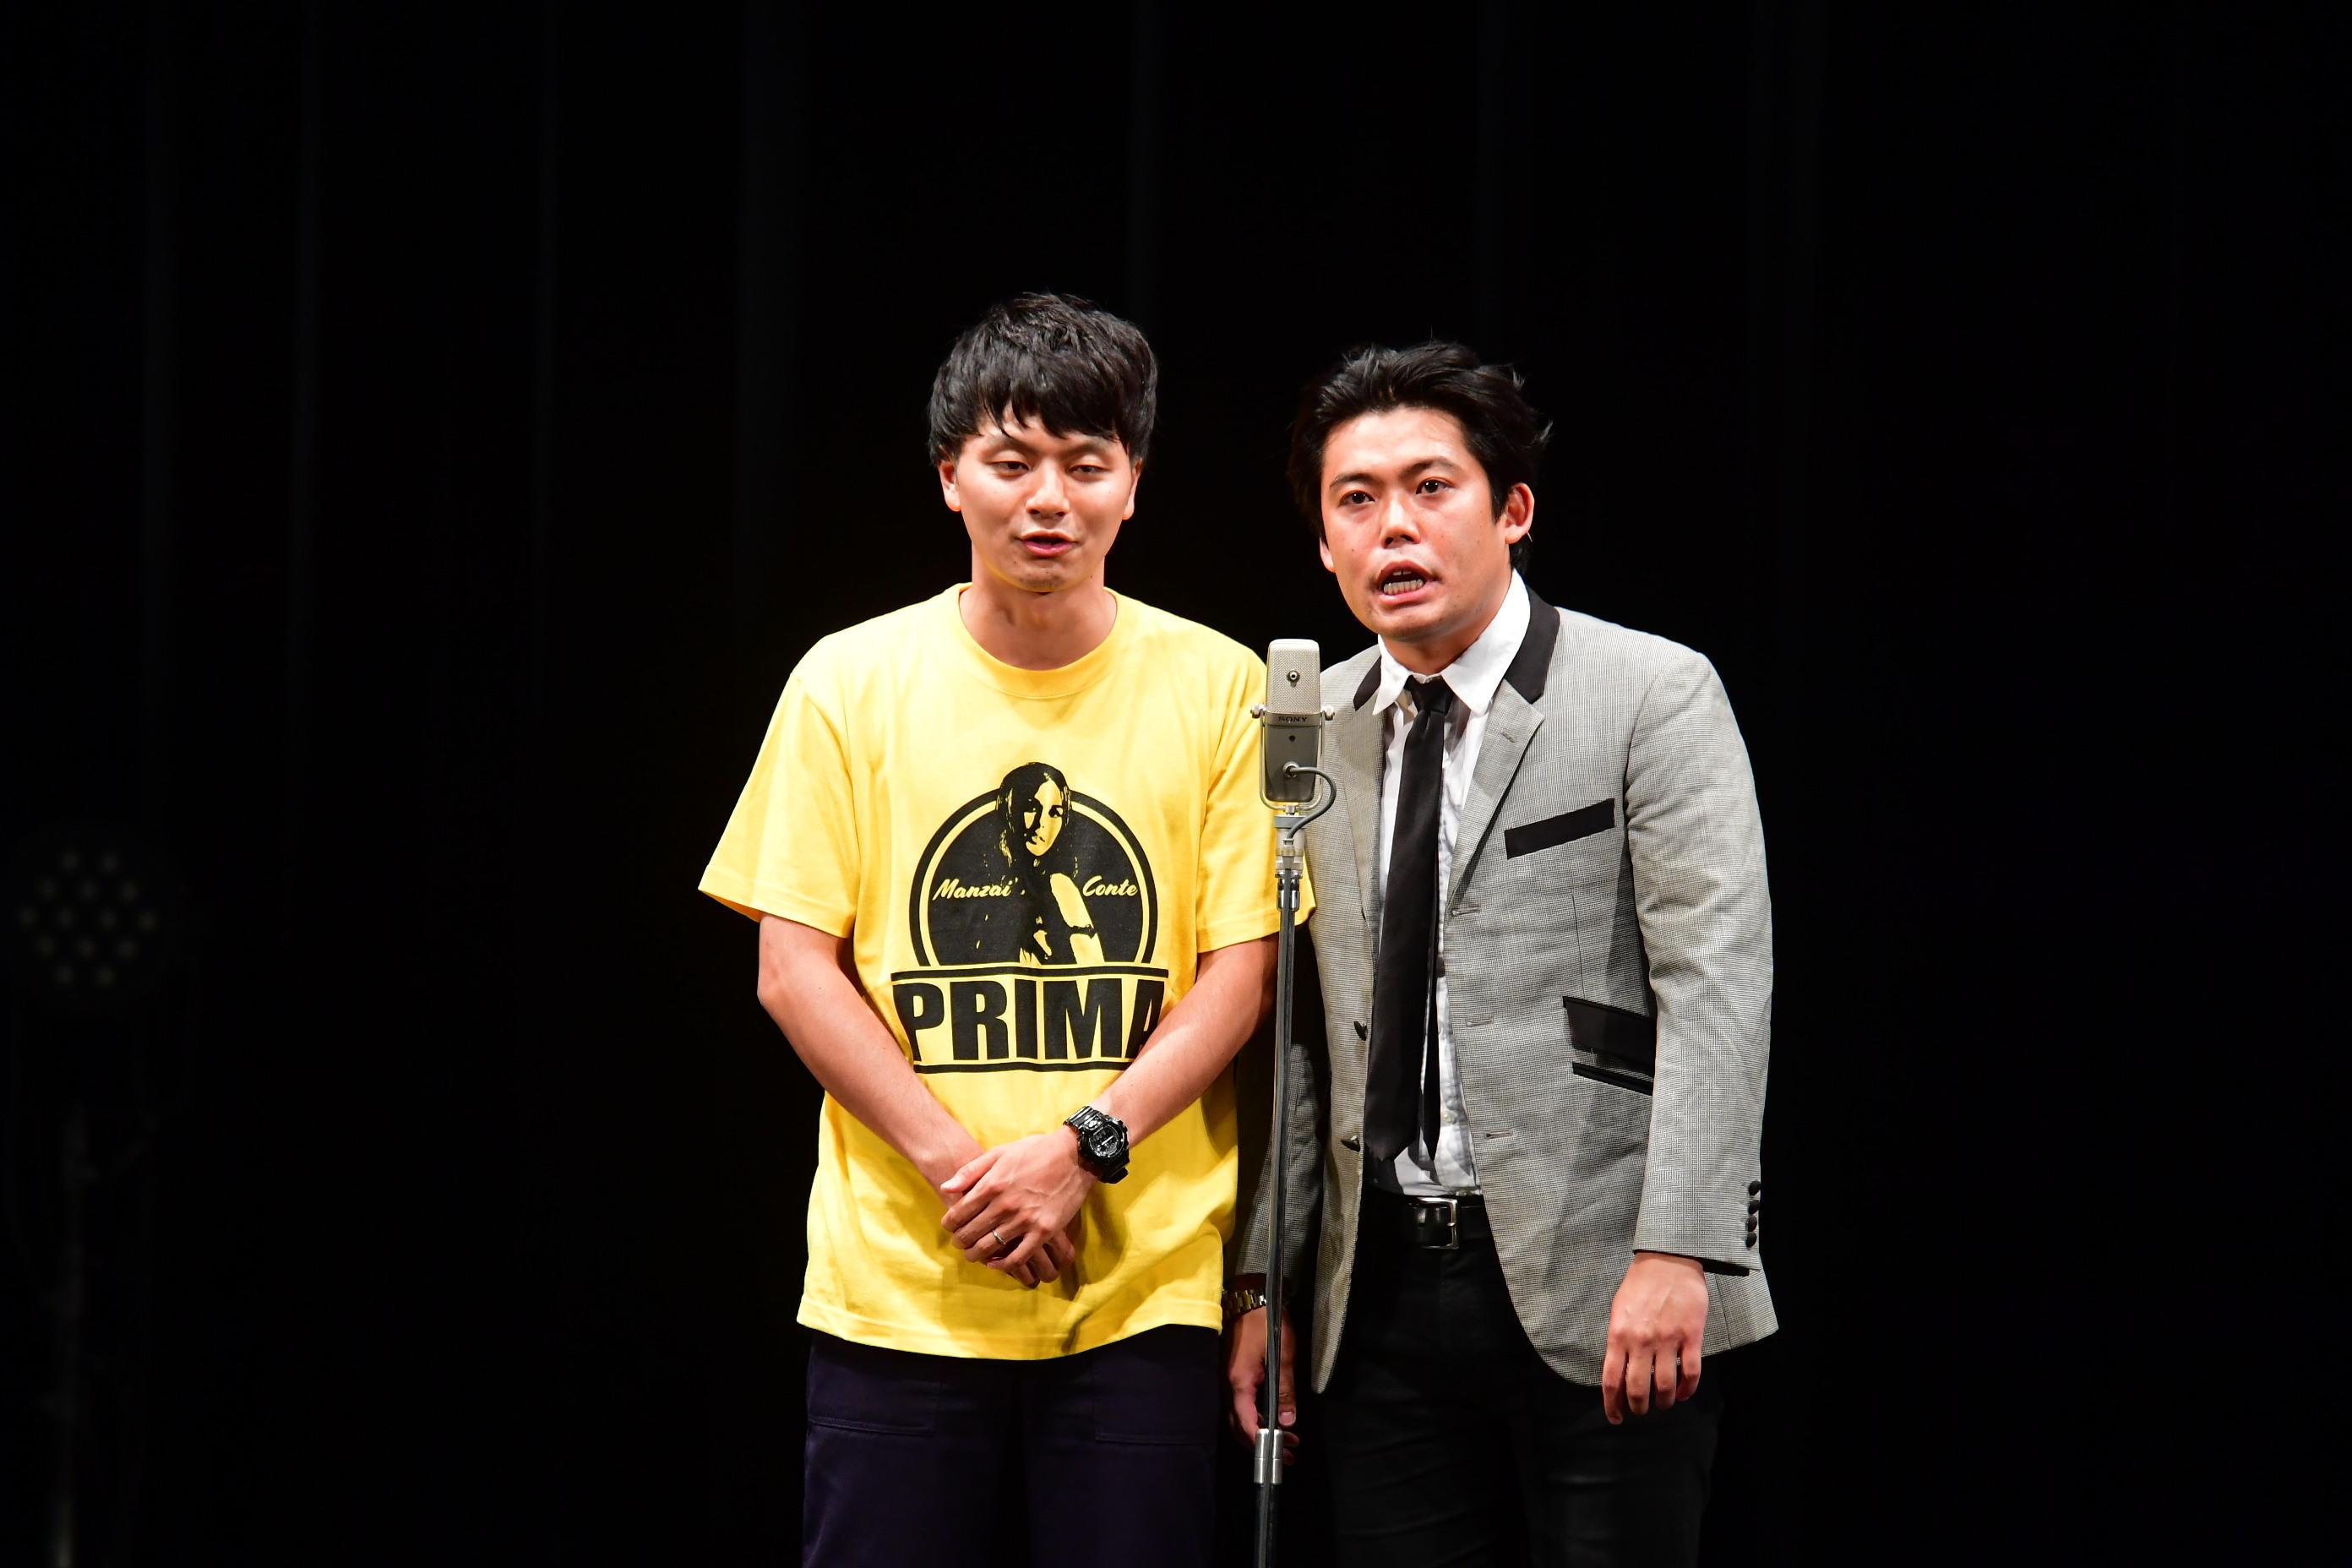 http://news.yoshimoto.co.jp/20180803011213-ada8e429c138cfd53dd52da79fa96da8fea7defc.jpg